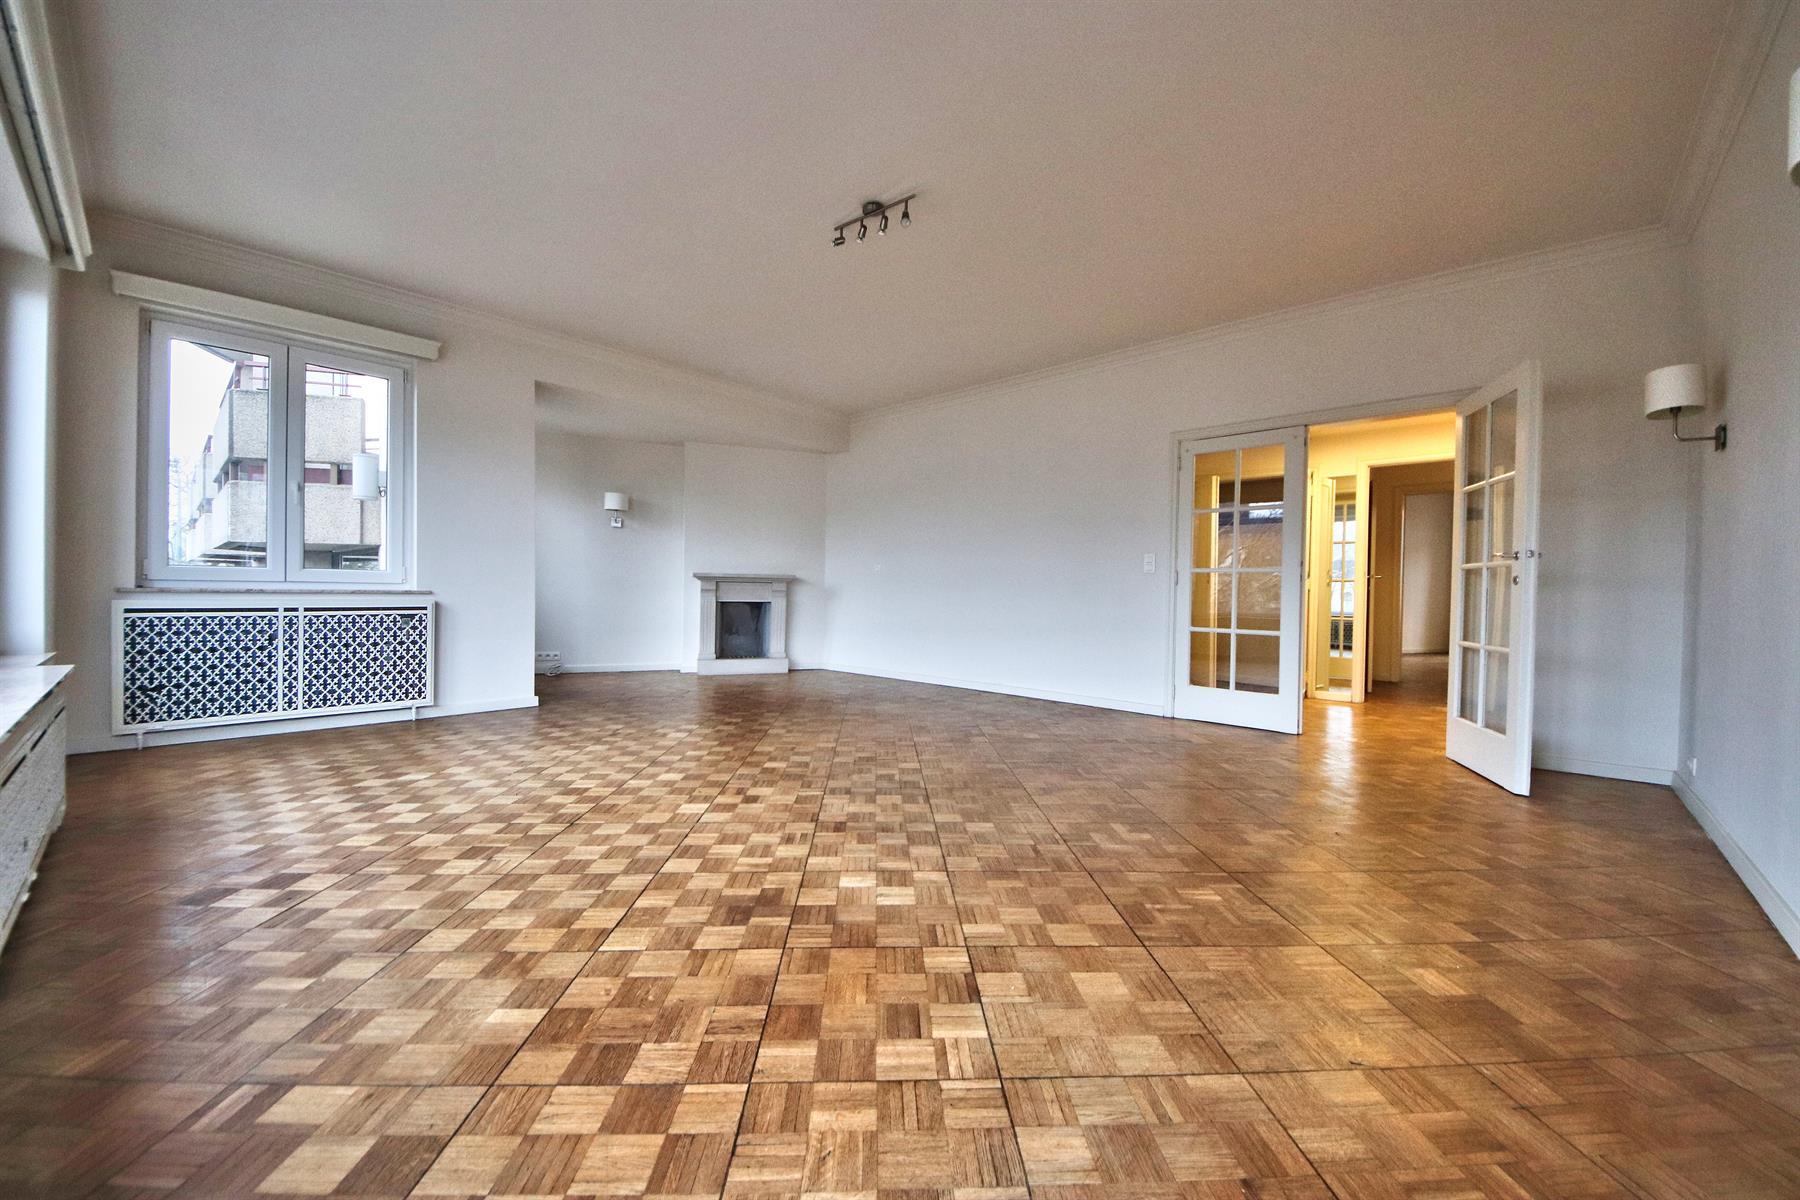 Appartement - Woluwe-Saint-Pierre - #4256600-2